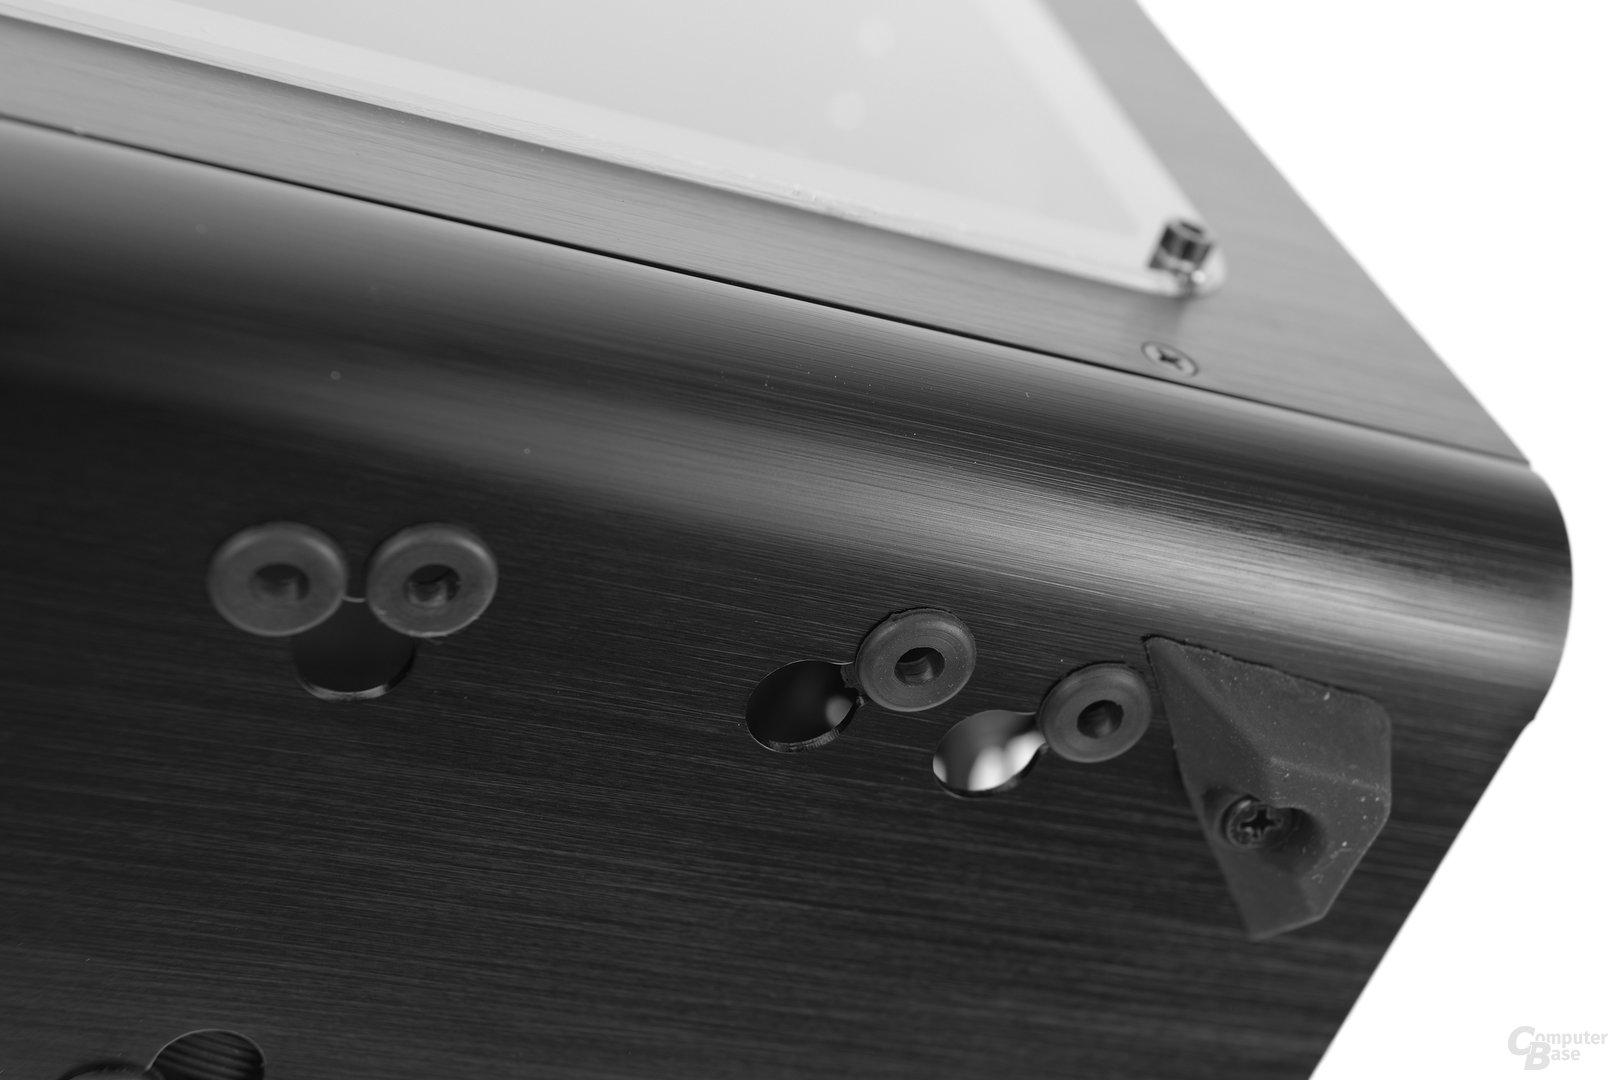 Raijintek Metis – Standfüße und Festplattenentkopplung